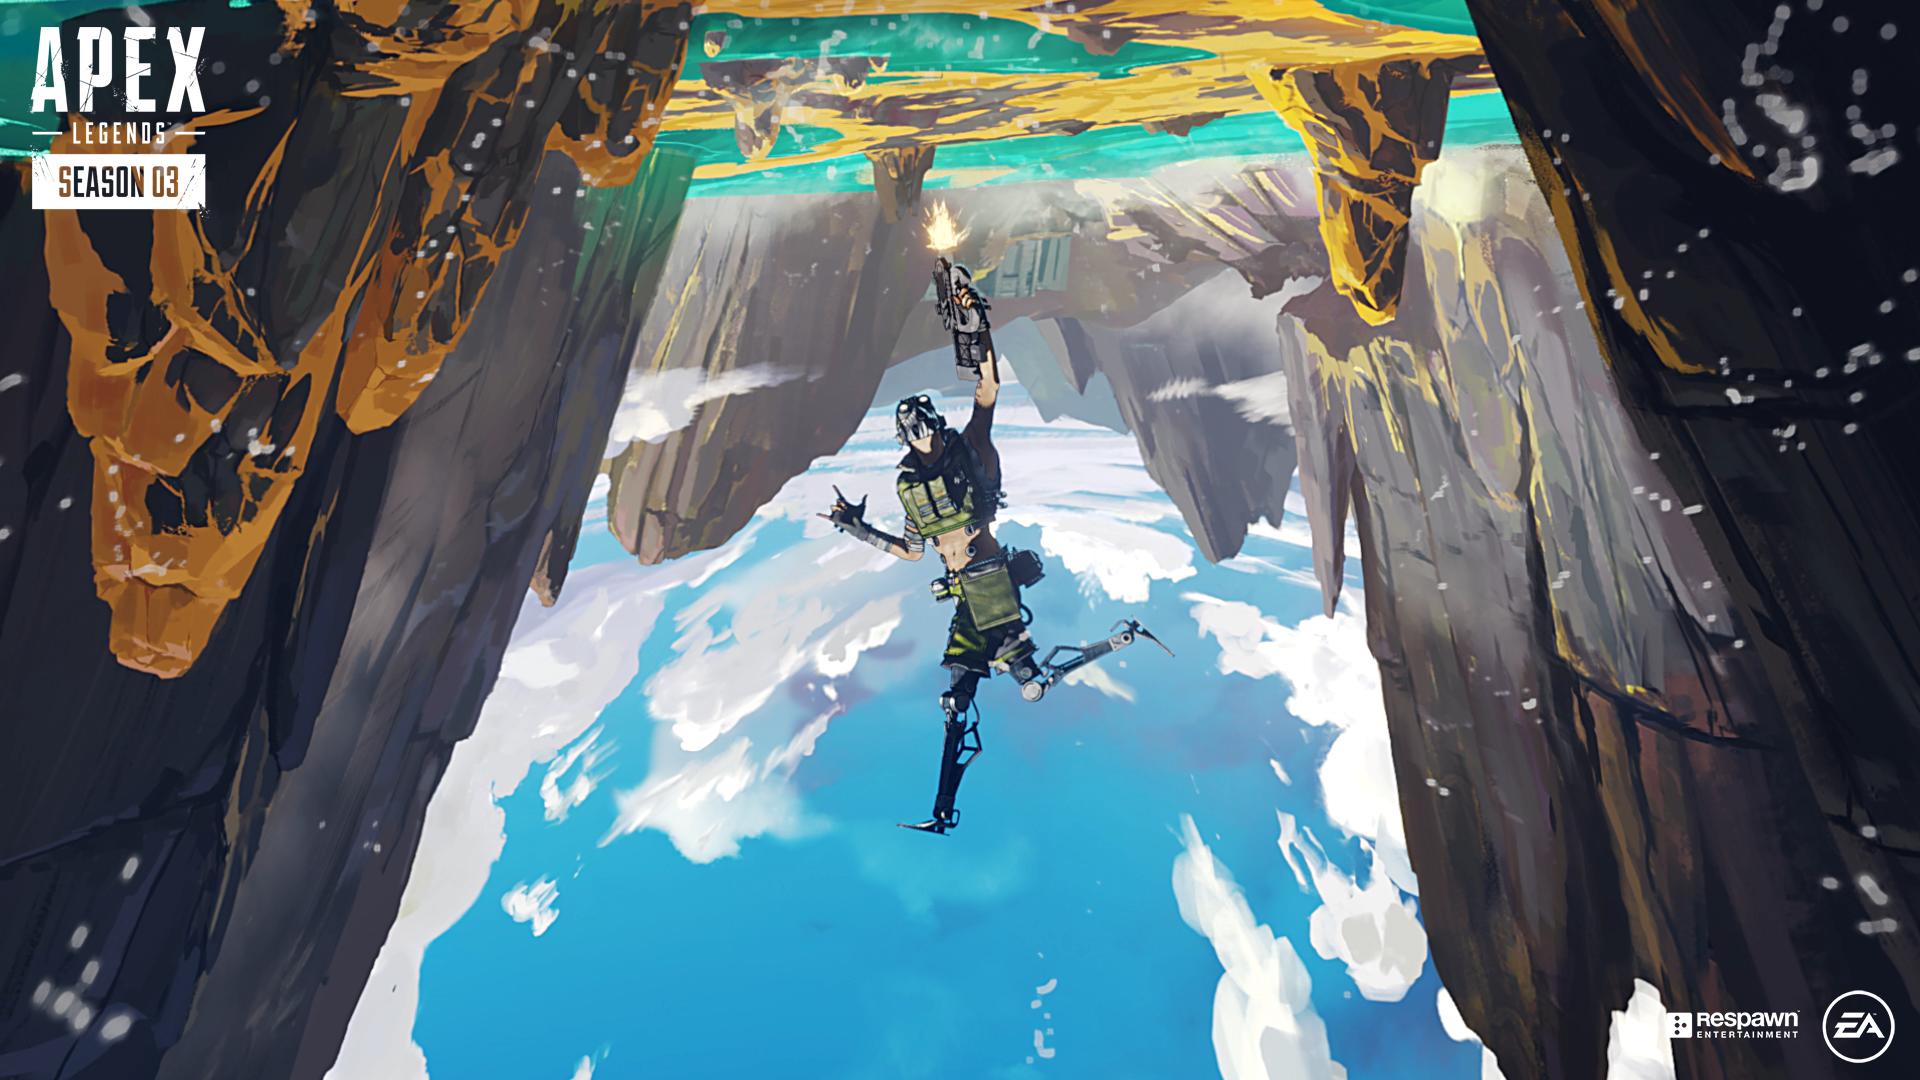 Третий сезон Apex Legends «Тающий лёд» стартует 1 октября: новая карта, герой и оружие